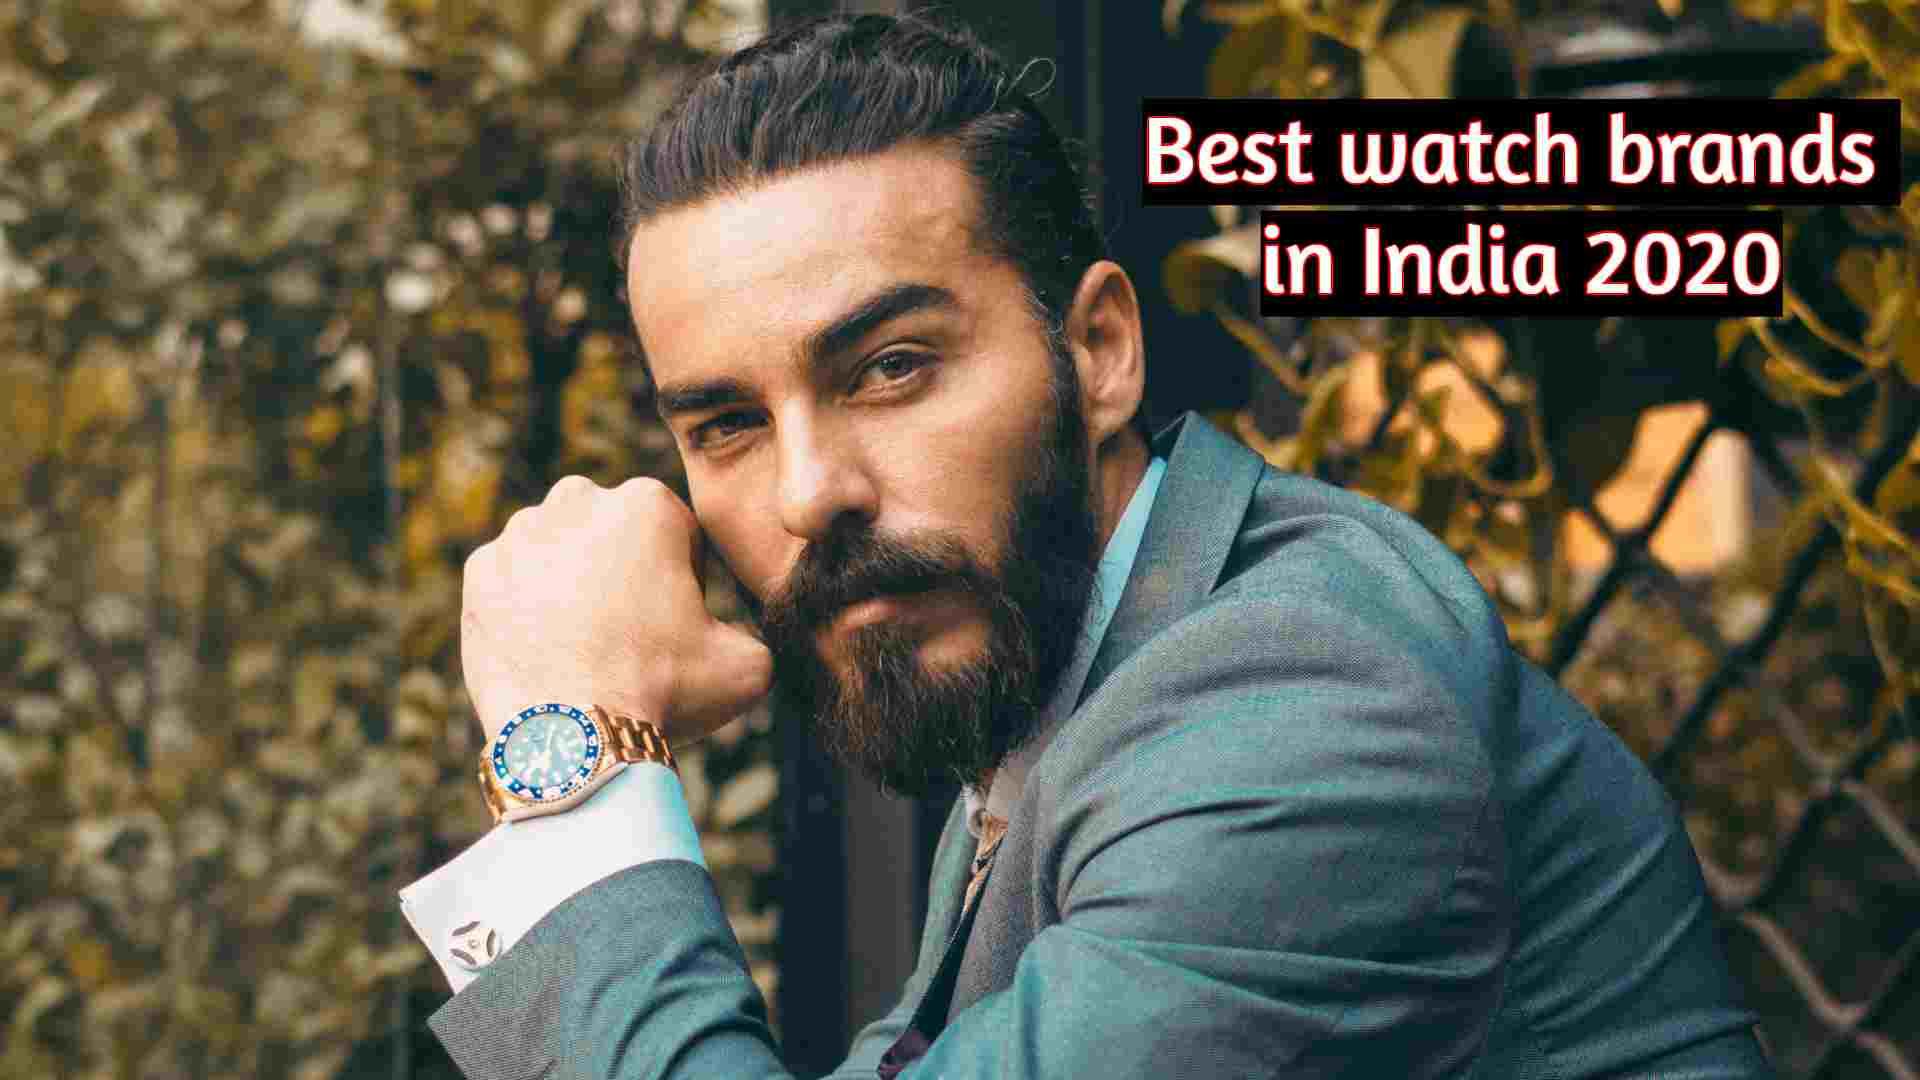 Best watch brands in India 2020|Top 10 Watch Brands of India